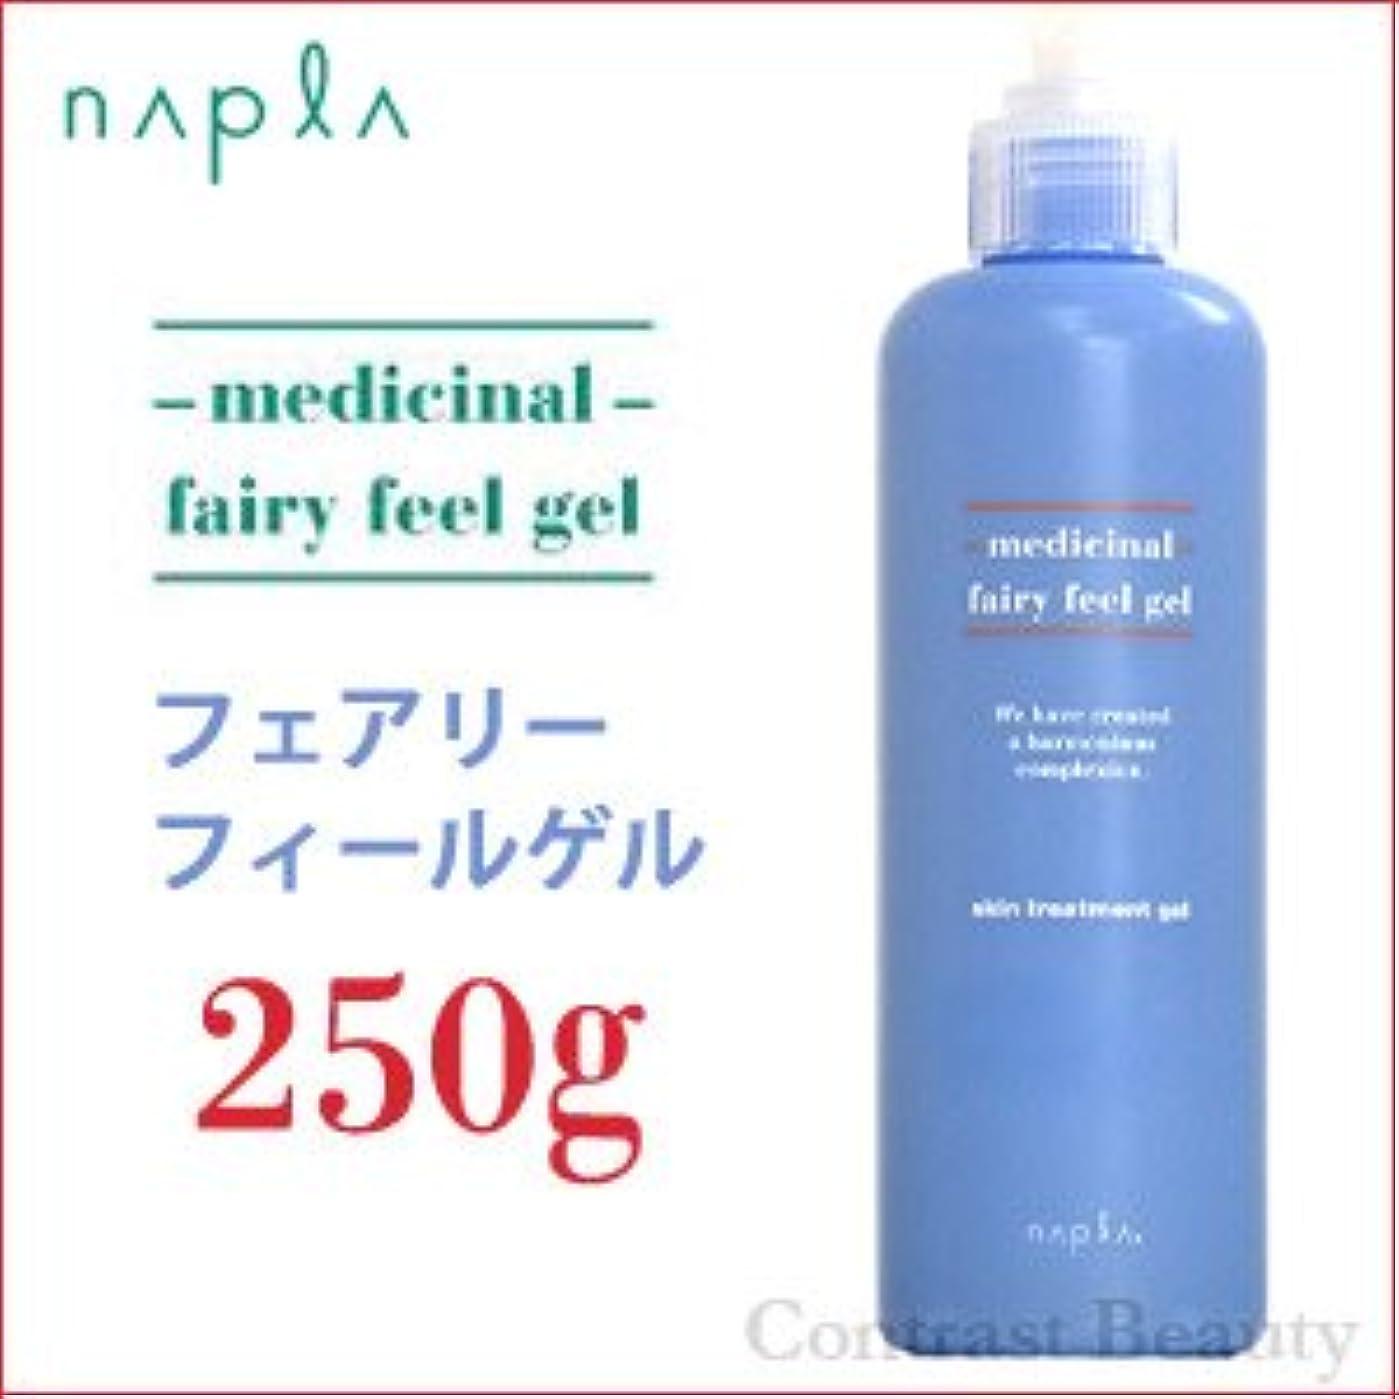 分子蒸留怖がって死ぬ【X3個セット】 ナプラ 薬用フェアリーフィールゲル 250g